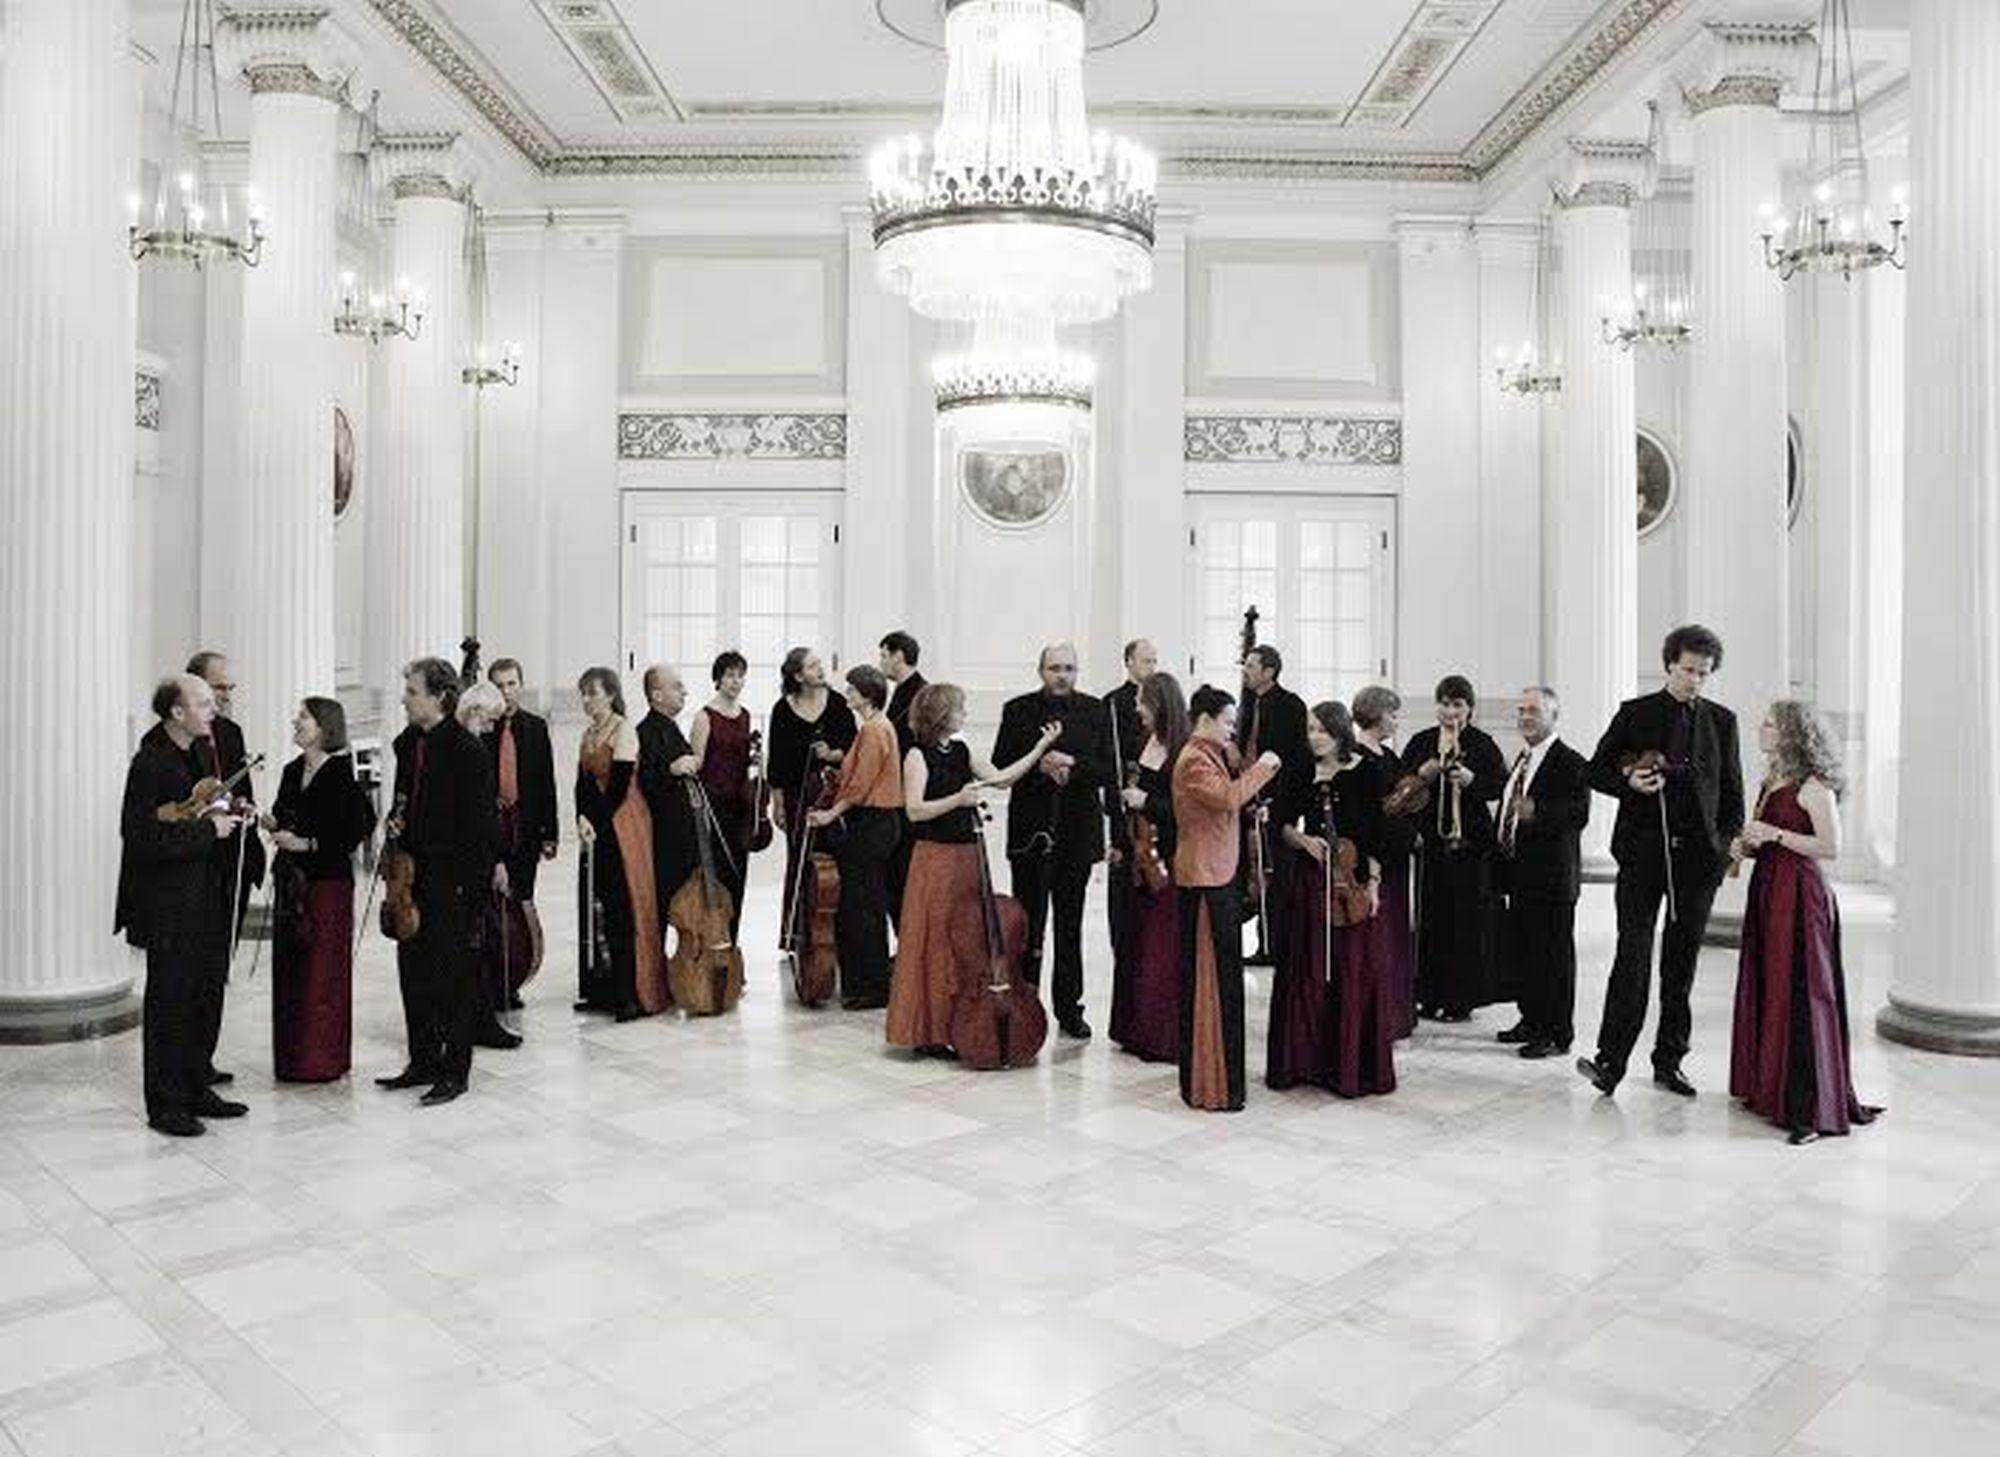 Gruppenfoto Akamus Beethovensaal (źródło: materiały prasowe)